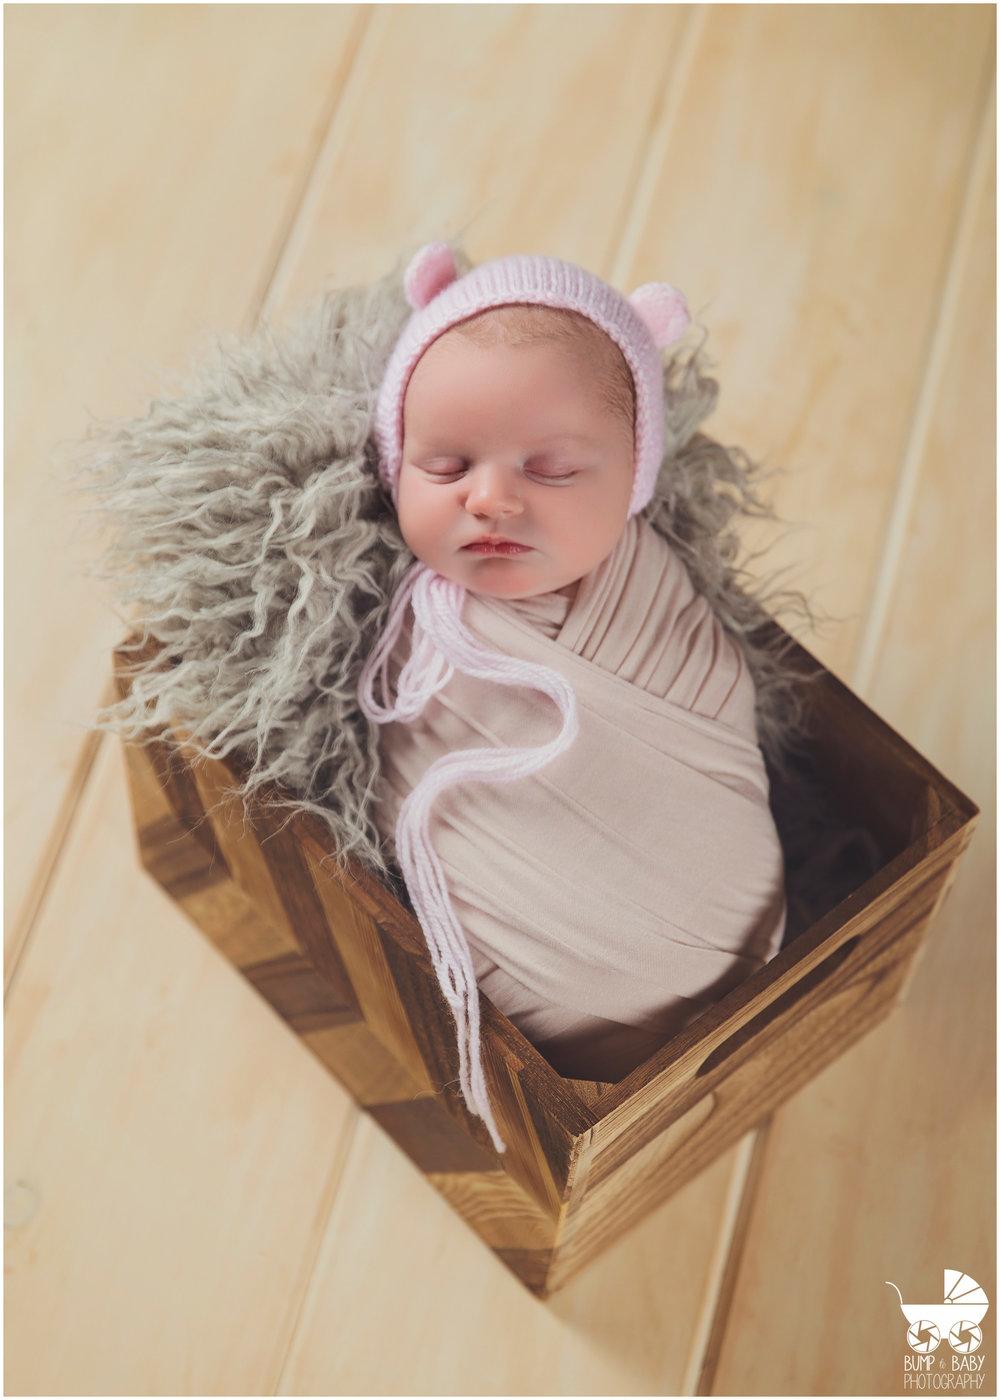 Newborn-Baby-Girl-in-teddy-bear-bonnet.jpg